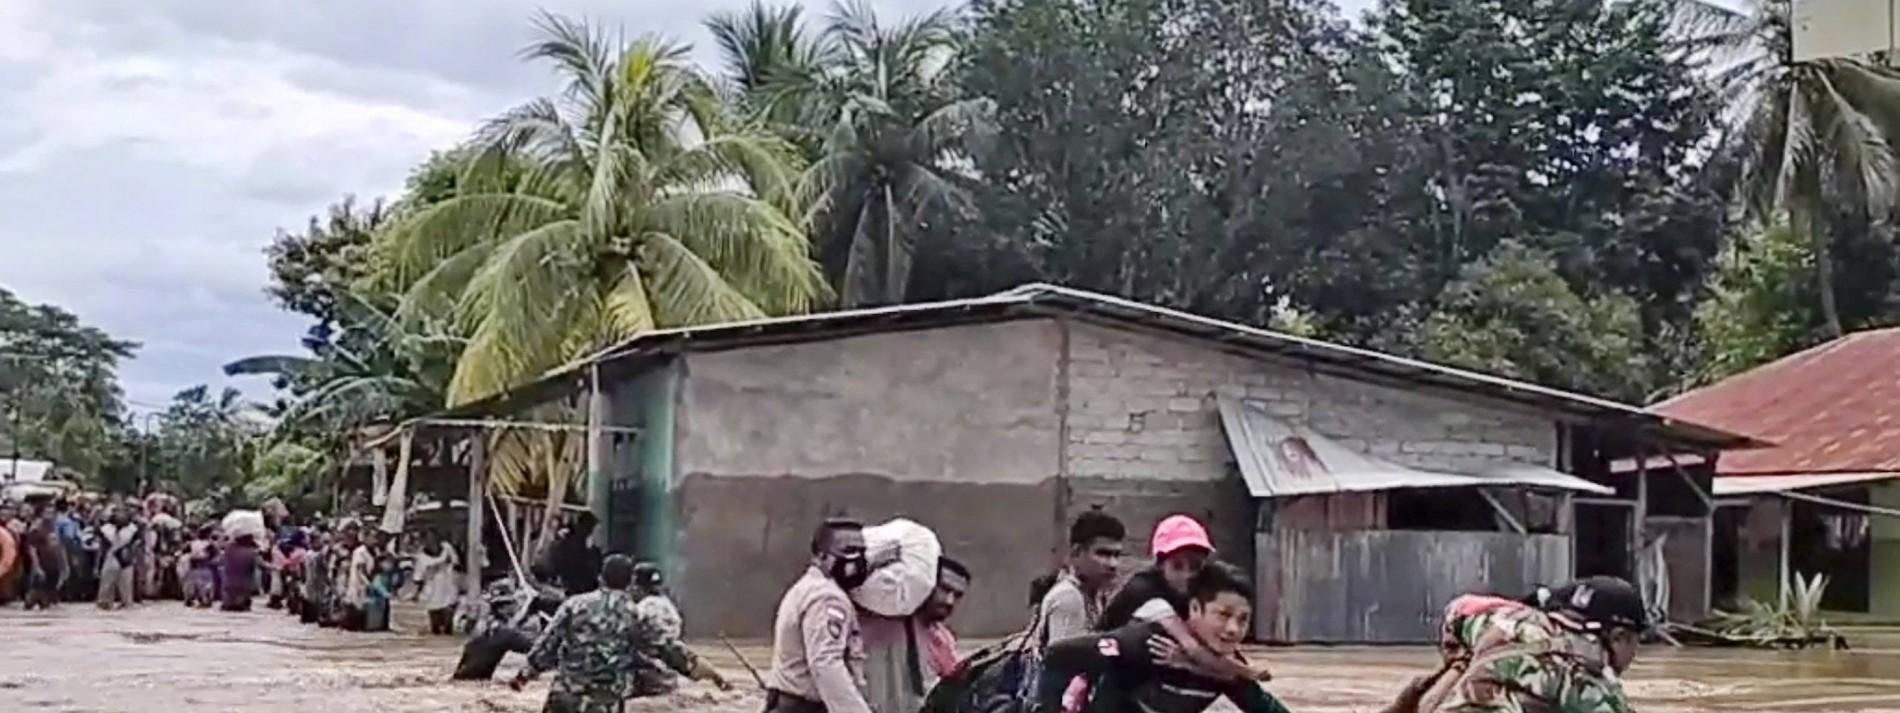 Mehr als 100 Tote bei Naturkatastrophen in Indonesien